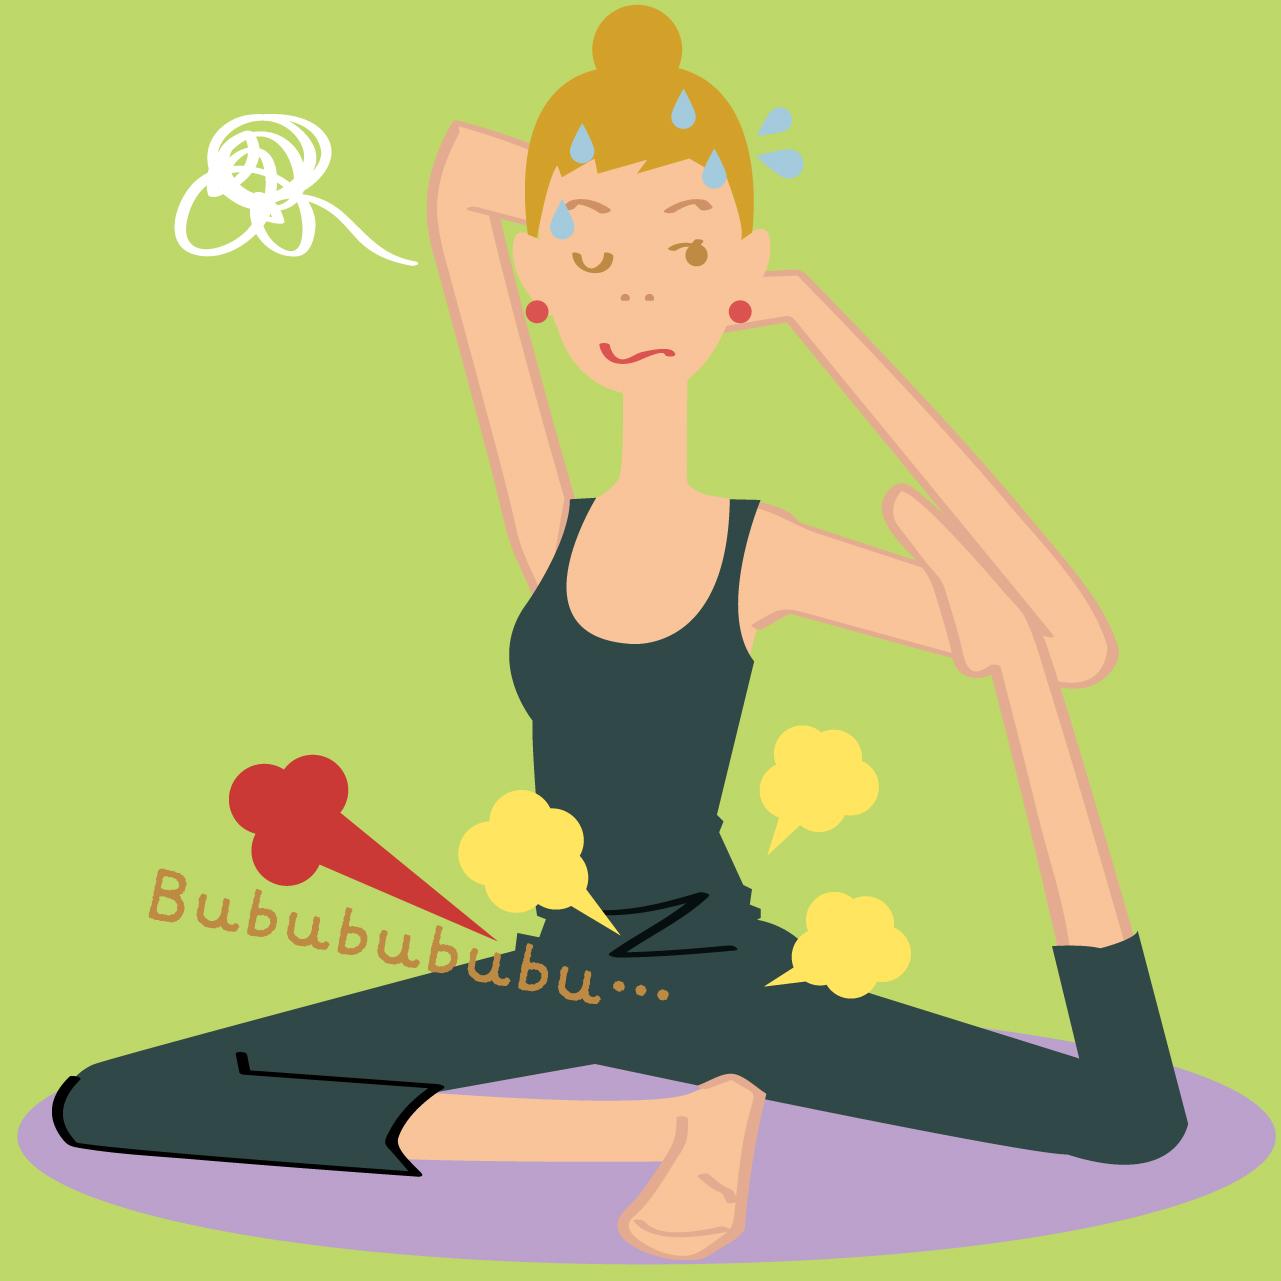 ヨガなどの運動をしているときに、腟から空気が出るのを感じる